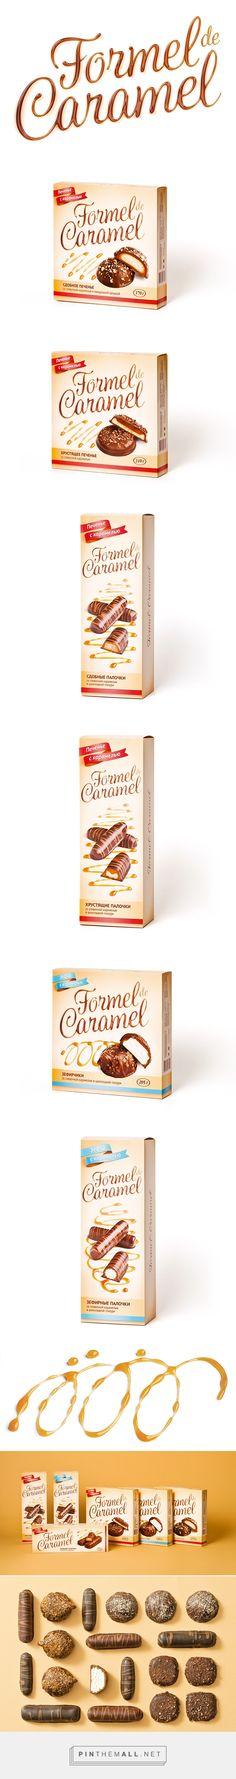 Formel de Caramel on Behance - created via https://pinthemall.net